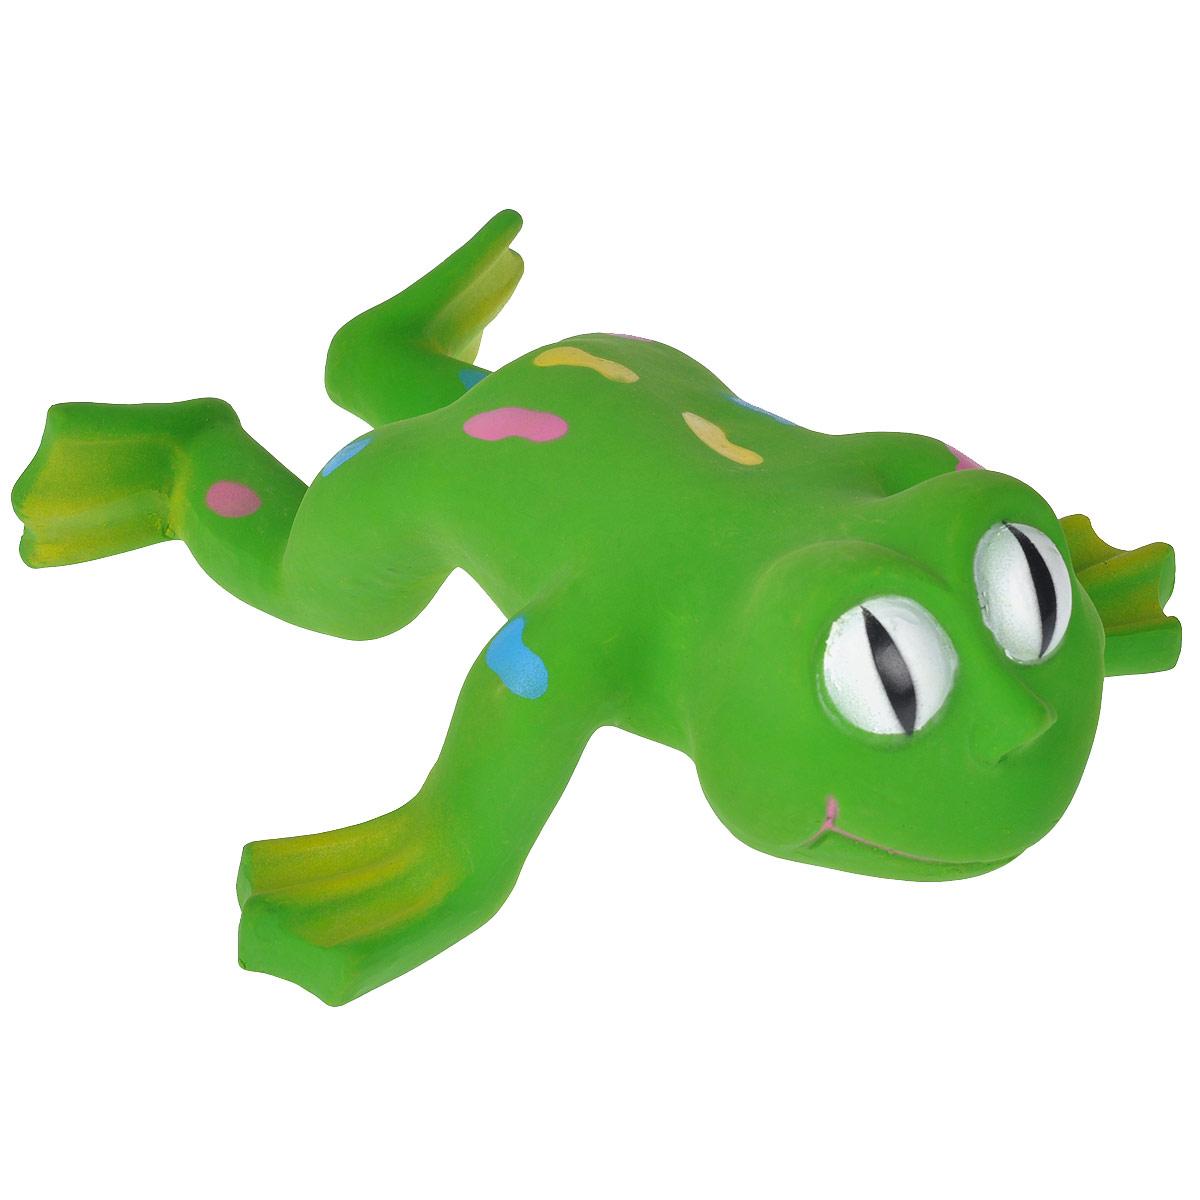 Игрушка для собак I.P.T.S. Лягушка620804Игрушка для собак I.P.T.S. Лягушка изготовлена из латекса в виде большой лягушки с цветными пятнами на спине, с пищалкой внутри. Предназначена для игр с собаками разных возрастов. Такая игрушка привлечет внимание вашего любимца и не оставит его равнодушным. Длина: 24 см.